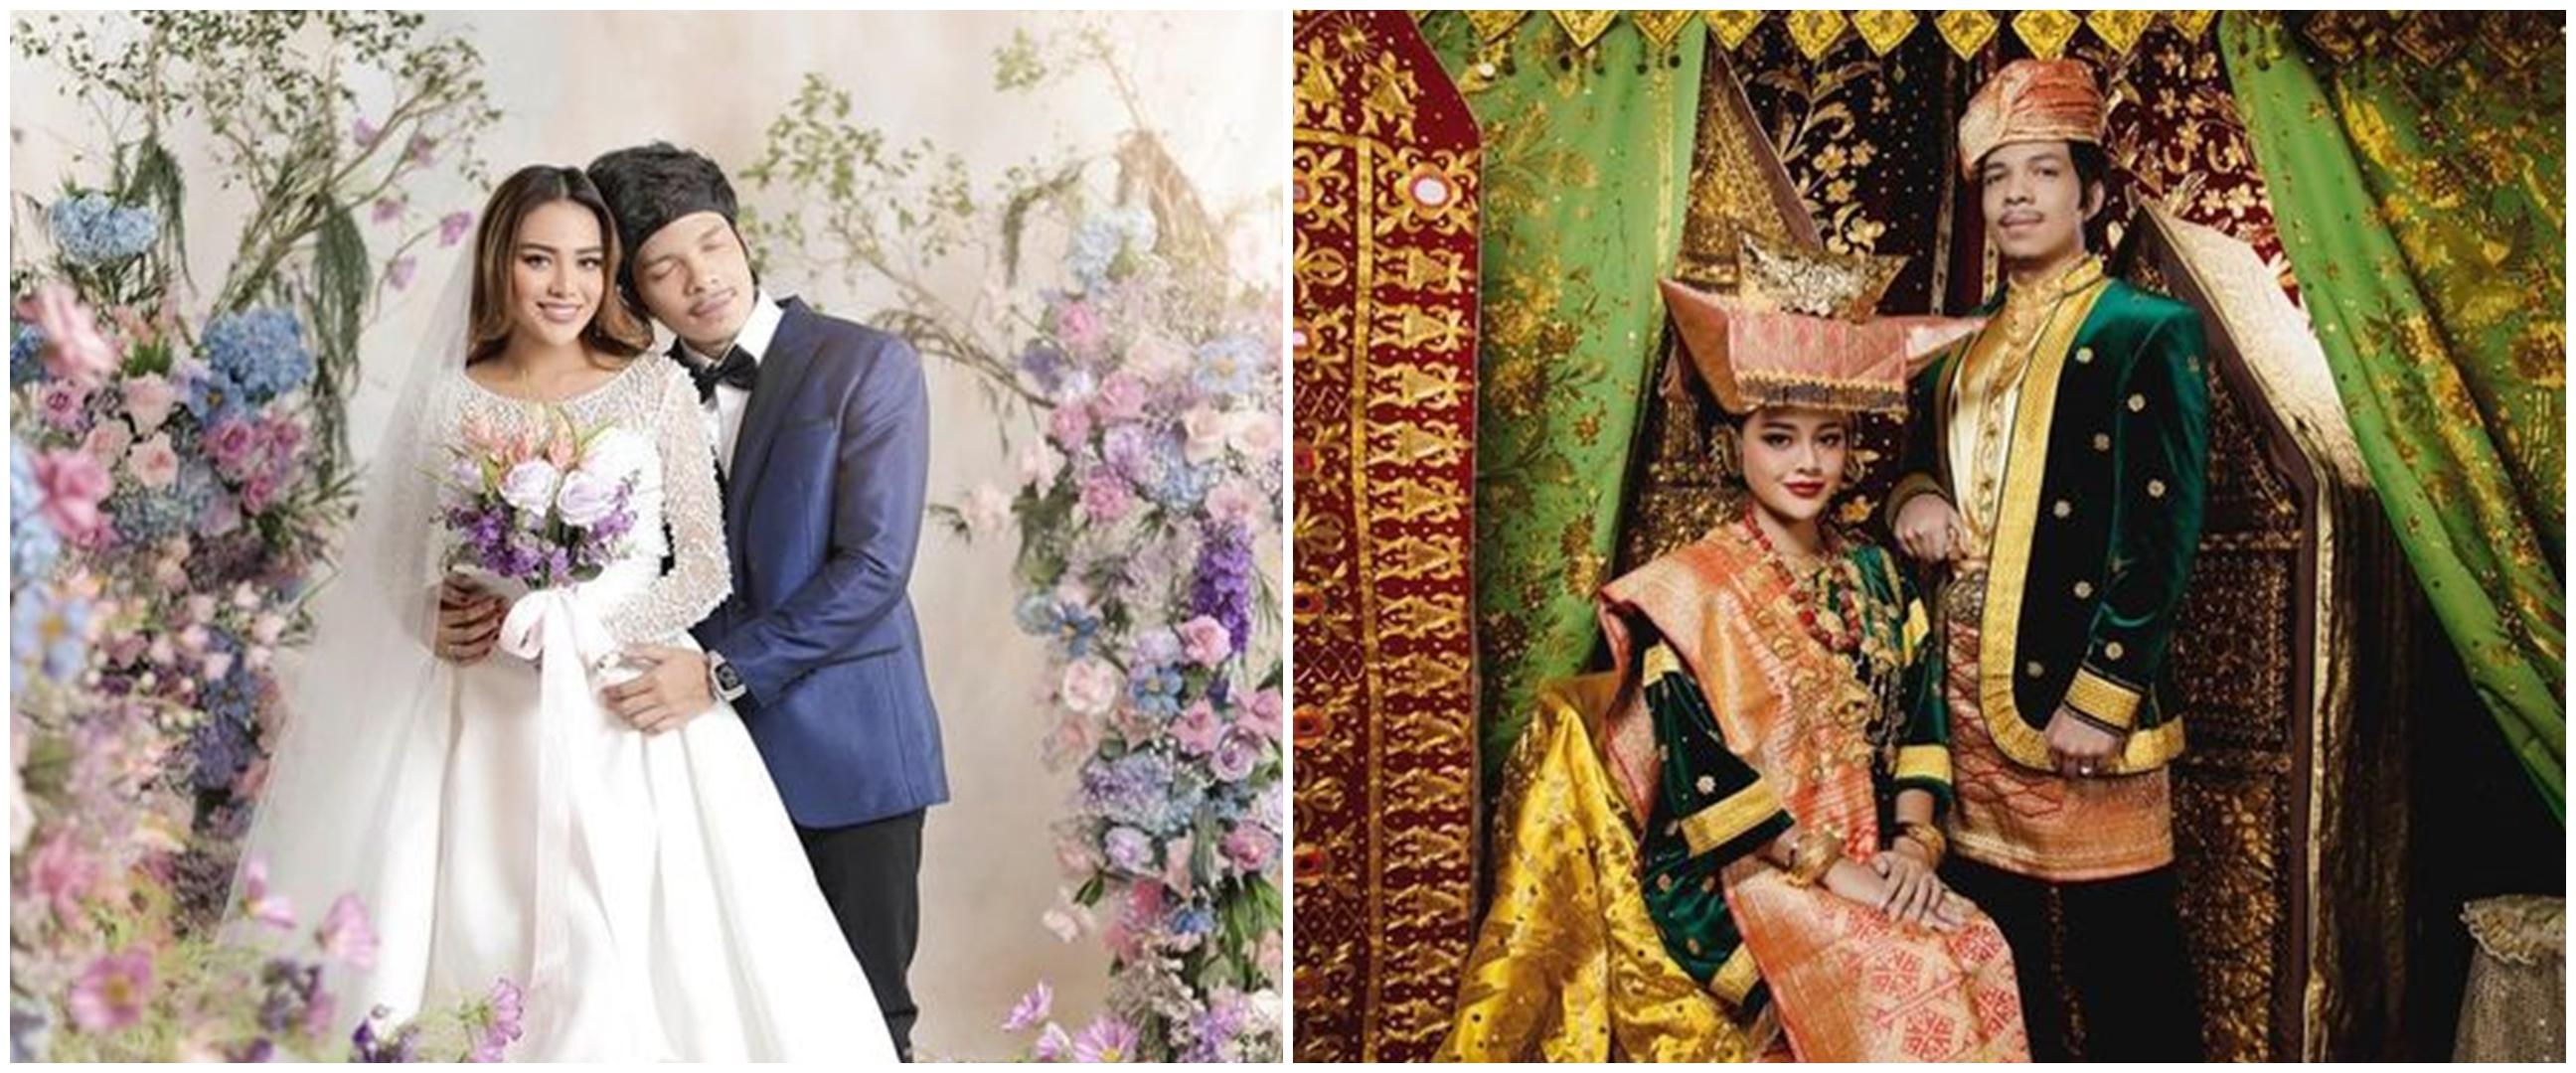 Beredar surat pengantar nikah Atta dan Aurel, pekerjaannya disorot